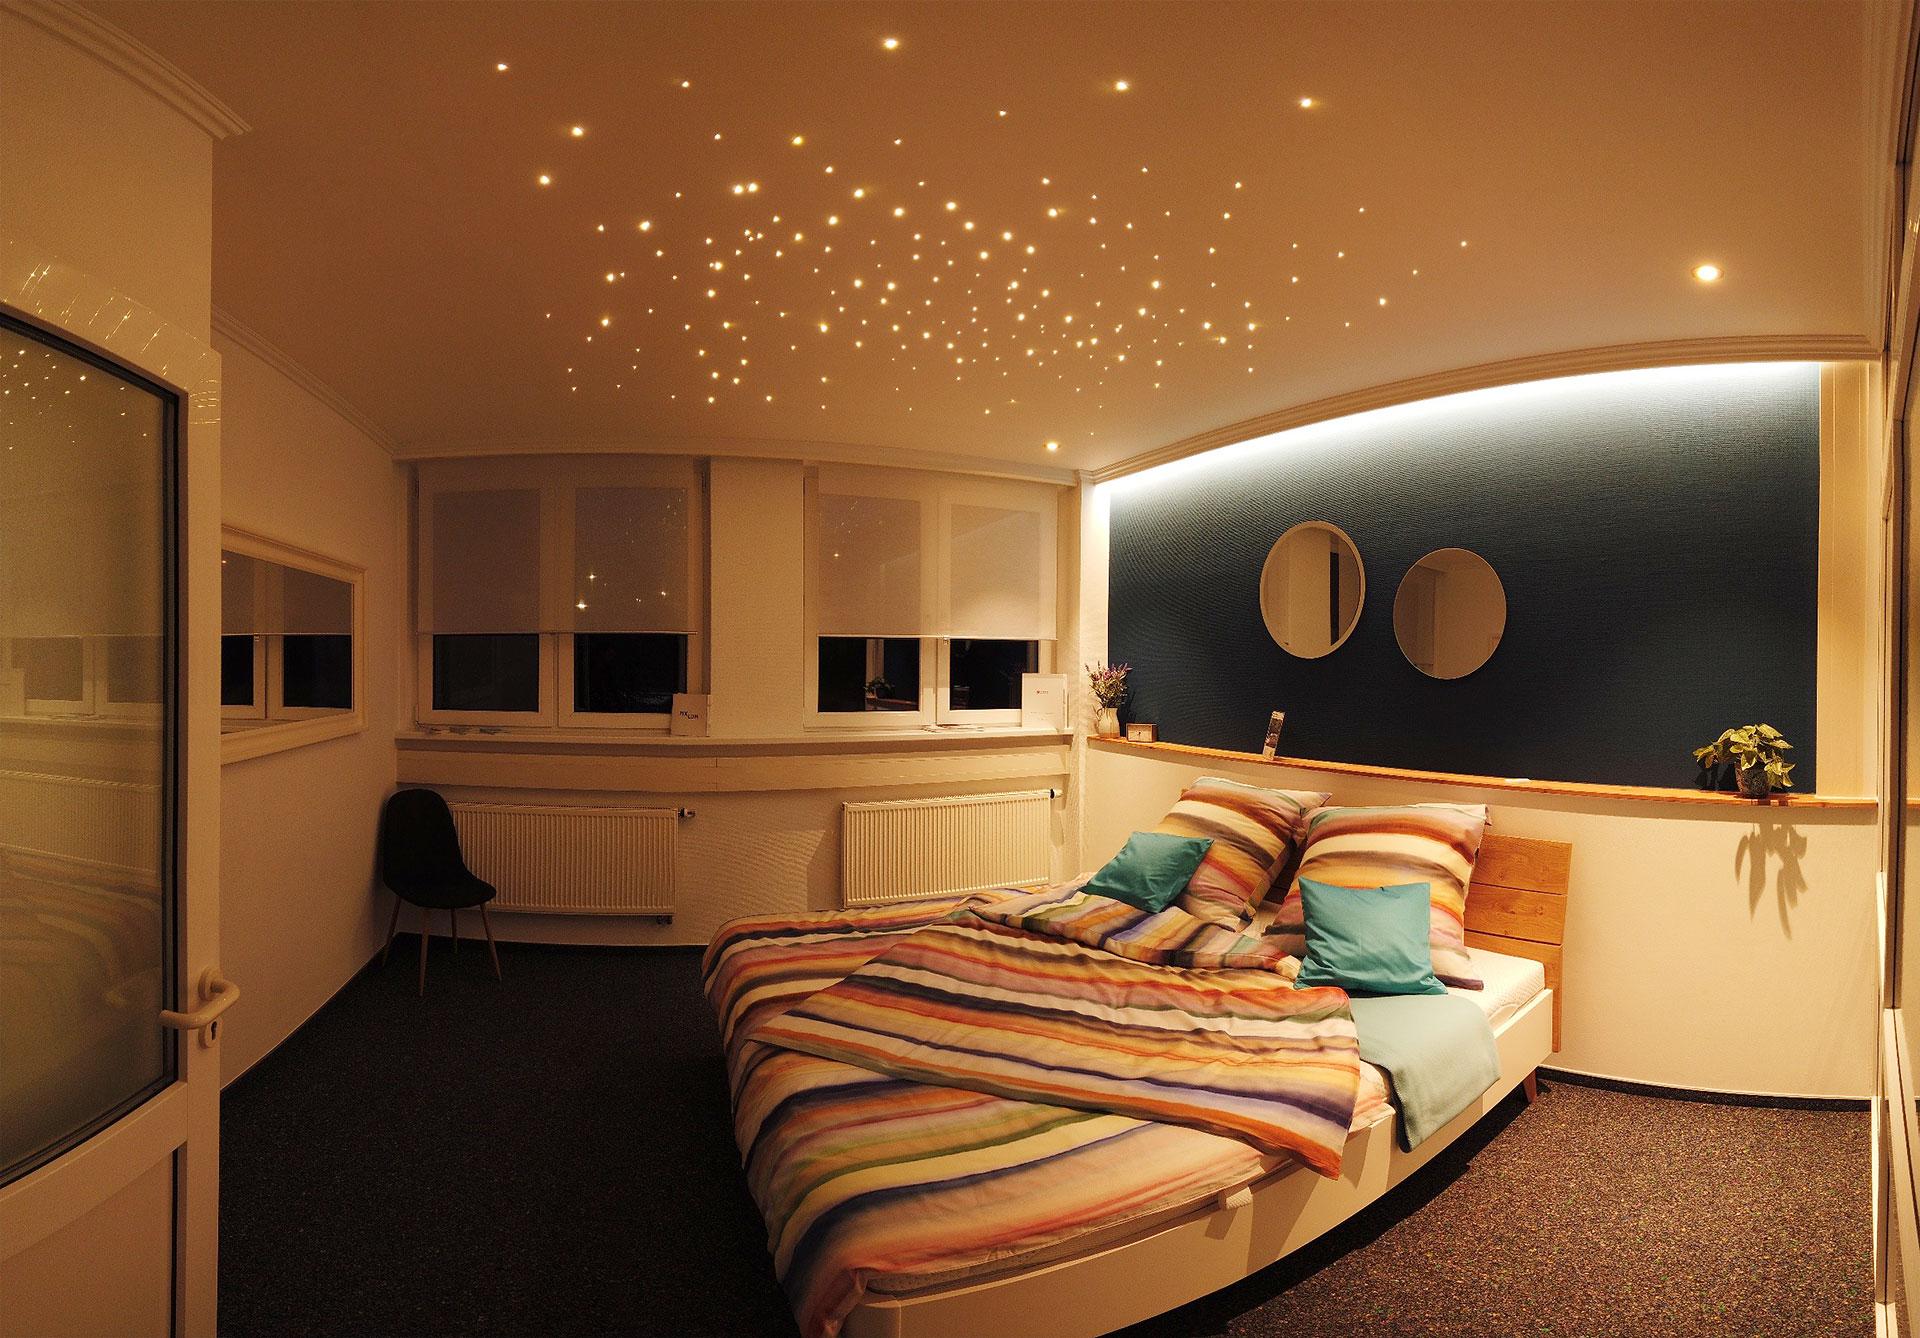 LED-Sternenhimmel-Decke - nachts